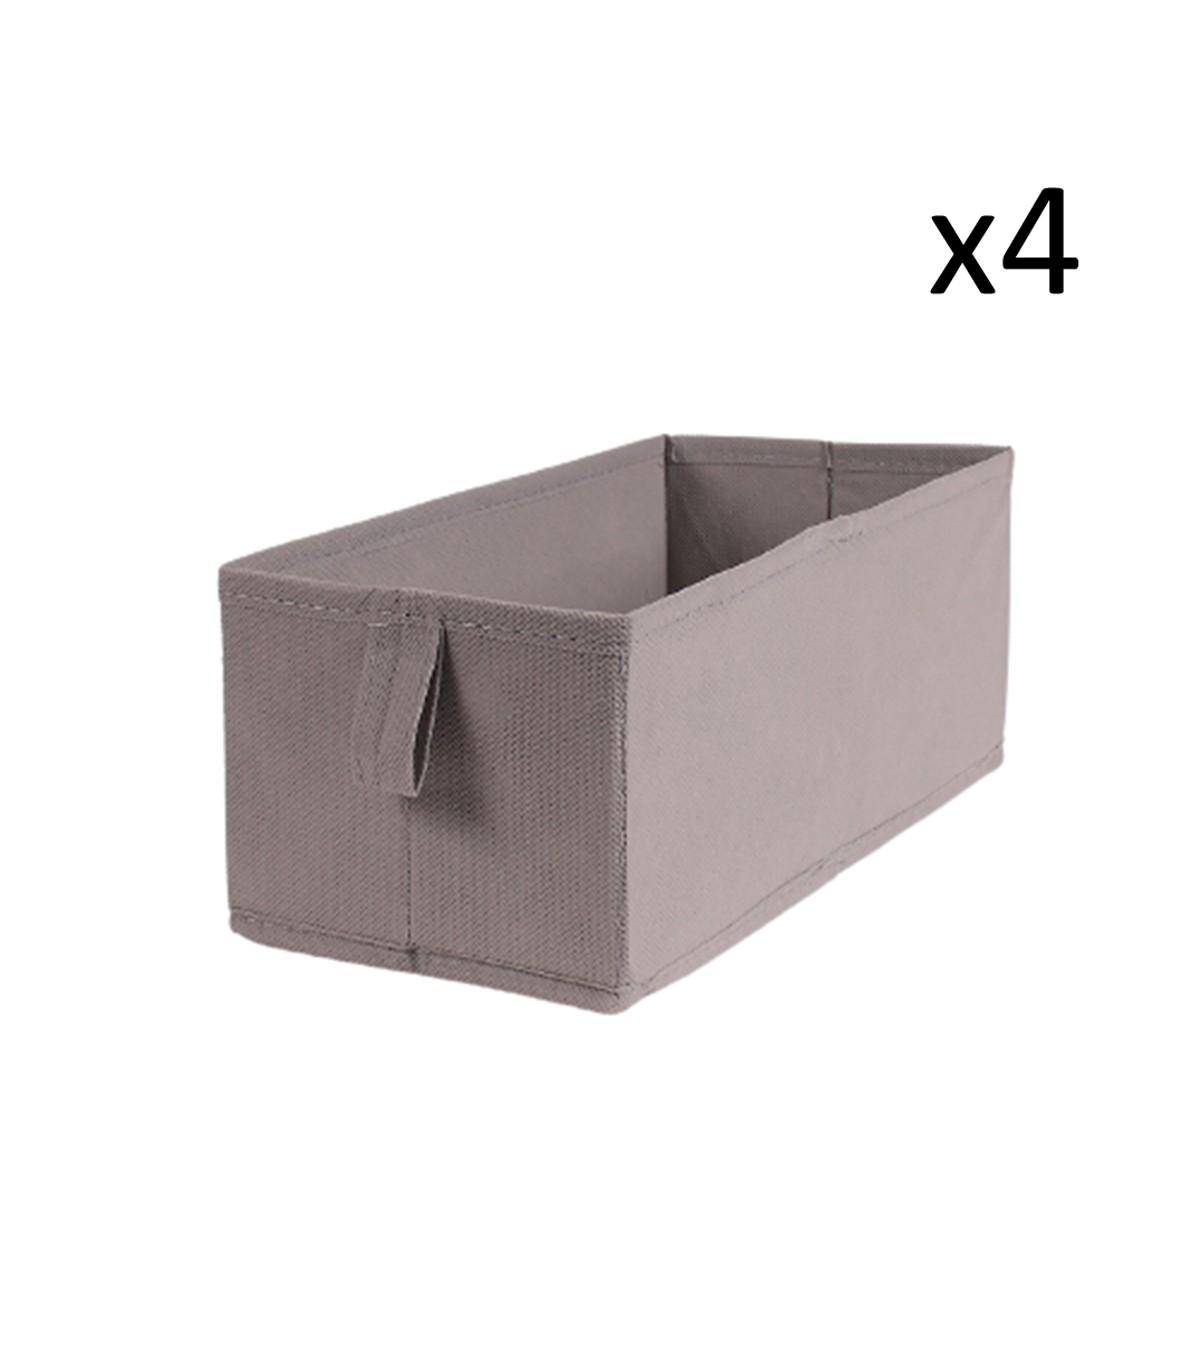 Lot de 4 tiroirs pliables intissés 28x14x11cm - Taupe